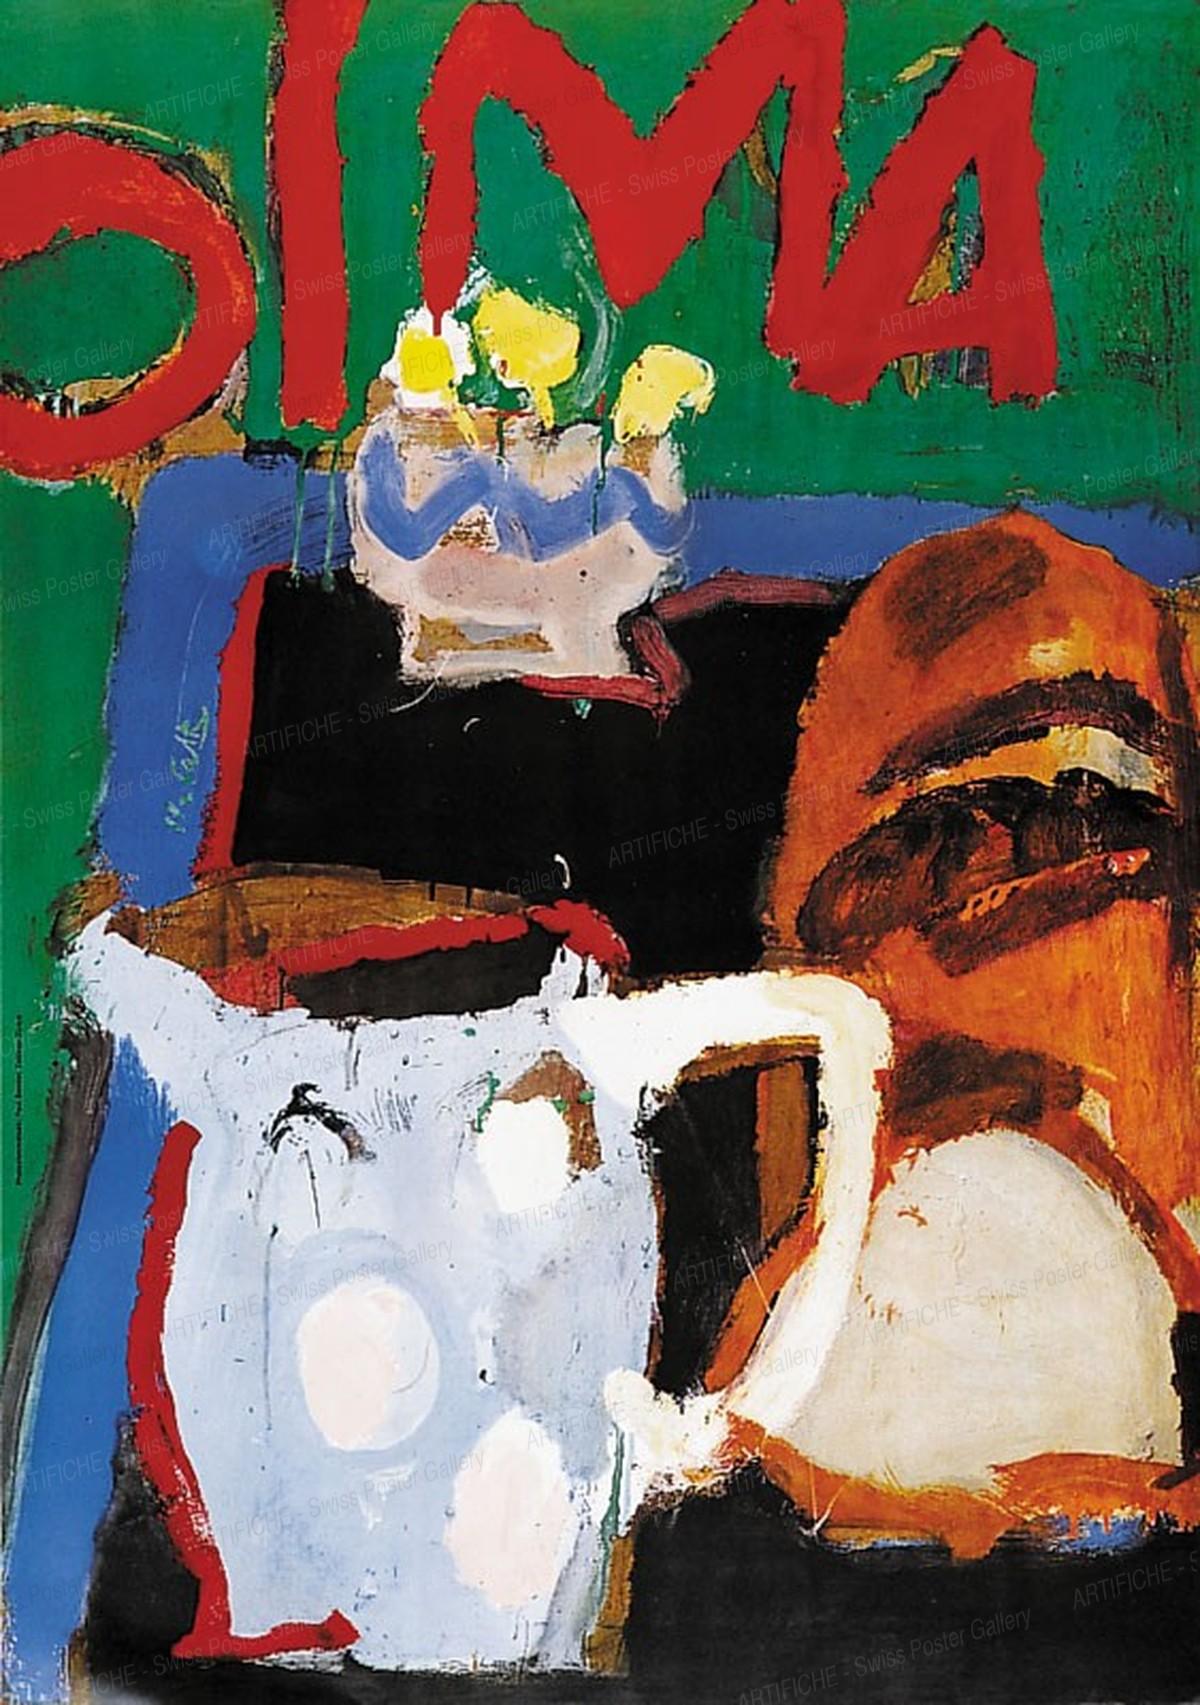 Olma 8. – 18. Oktober 1959, Hans Falk